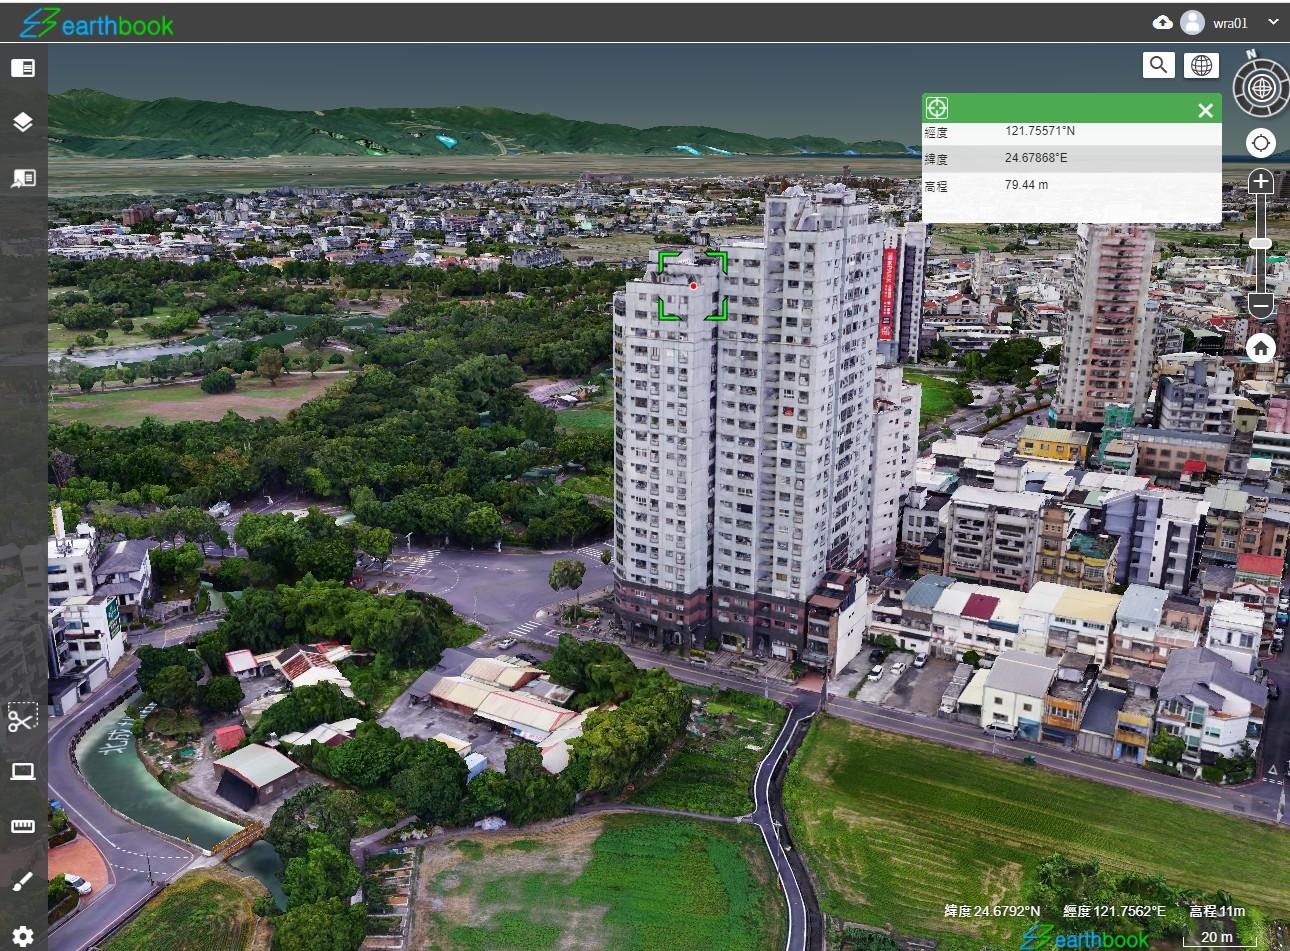 360度環景空拍加速都市計畫環境評估,讓城市治理立體化